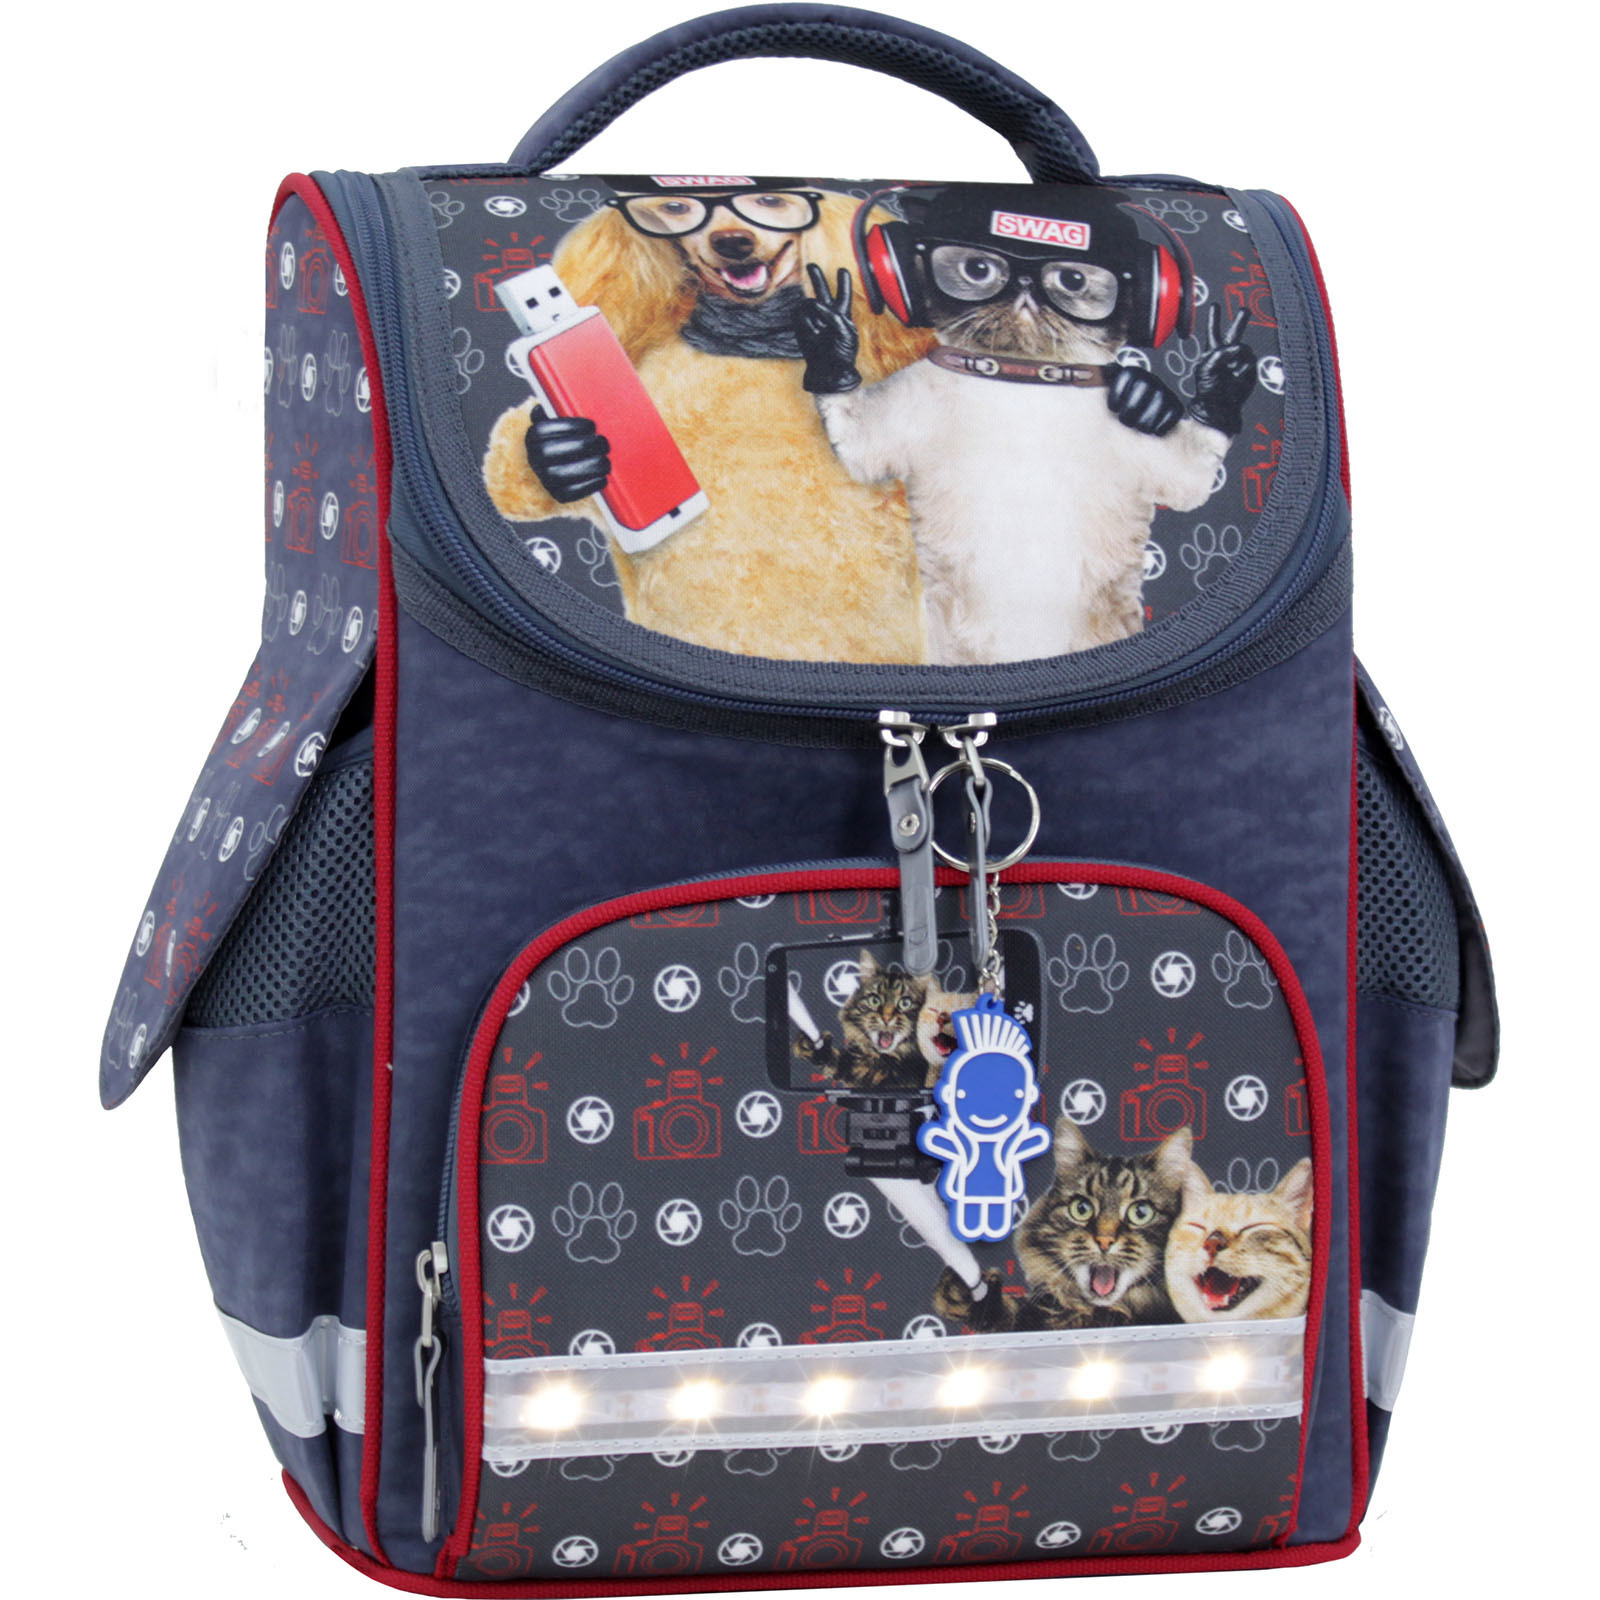 Школьные рюкзаки Рюкзак школьный каркасный с фонариками Bagland Успех 12 л. серый 188к (00551703) IMG_0051.JPG